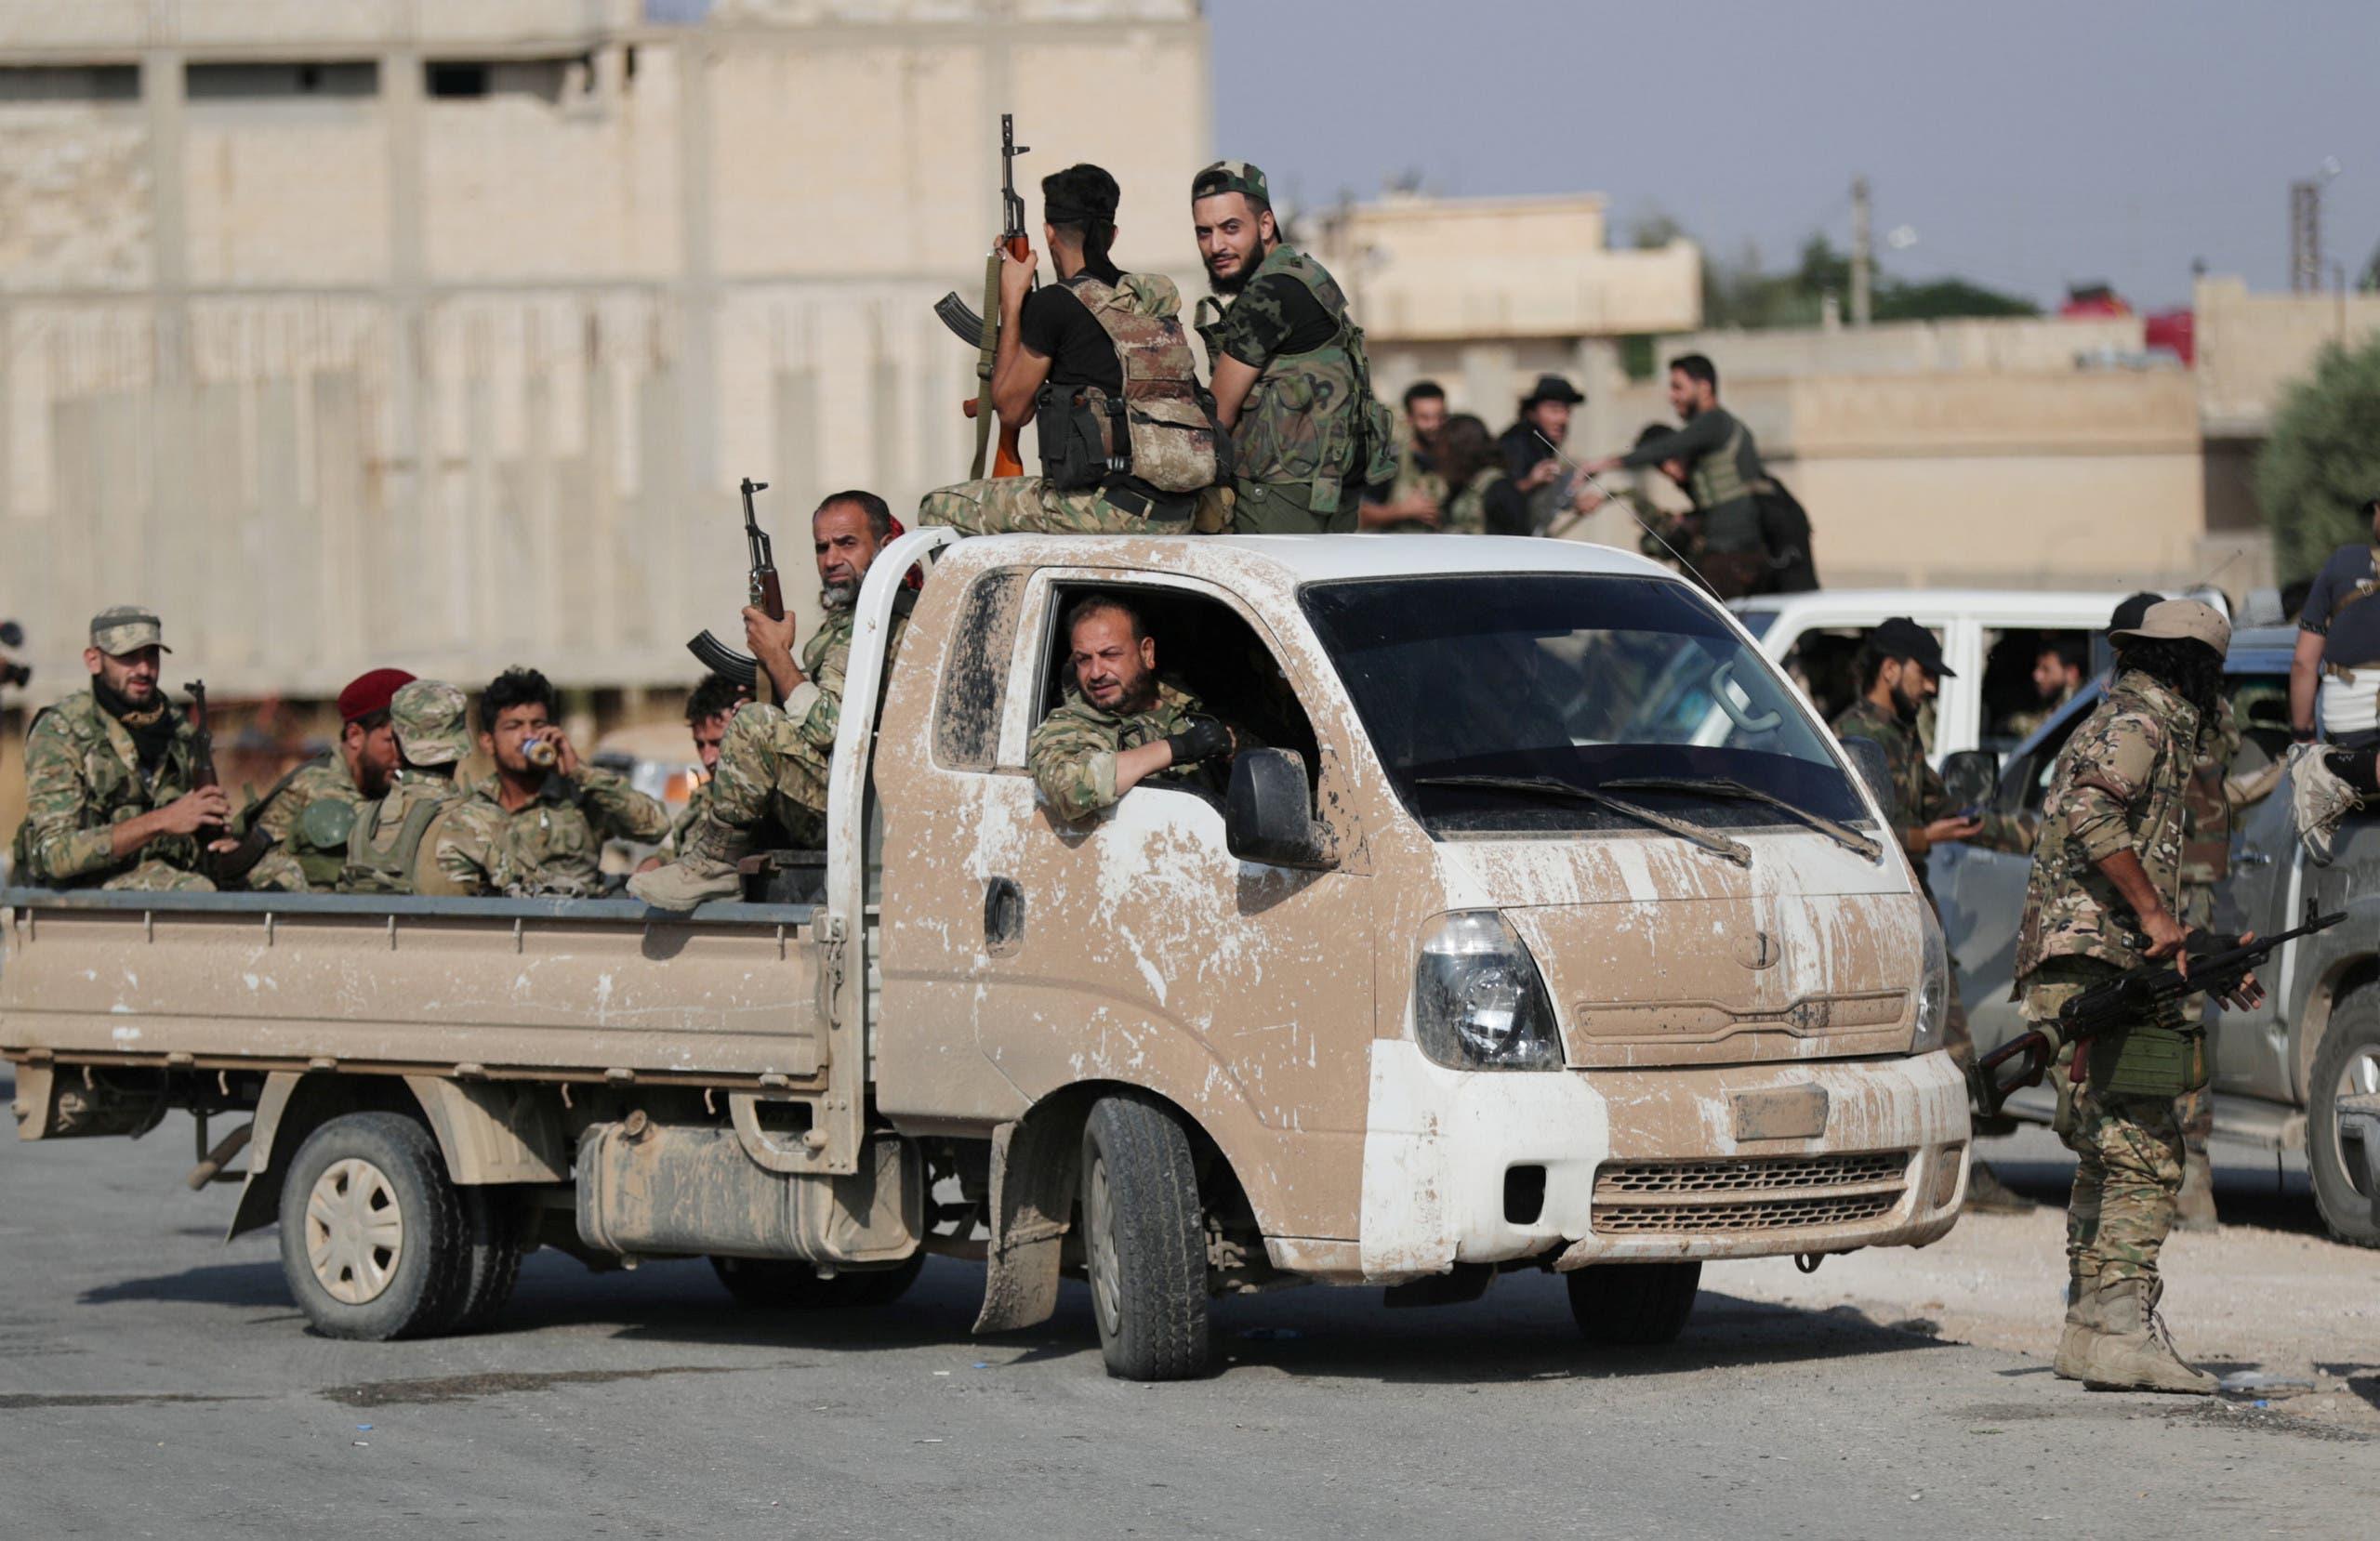 مقاتلون من المعارضة السورية المدعومة من تركيا قرب مدينة تل أبيض الحدودية في سوريا يوم الثلاثاء - رويترز